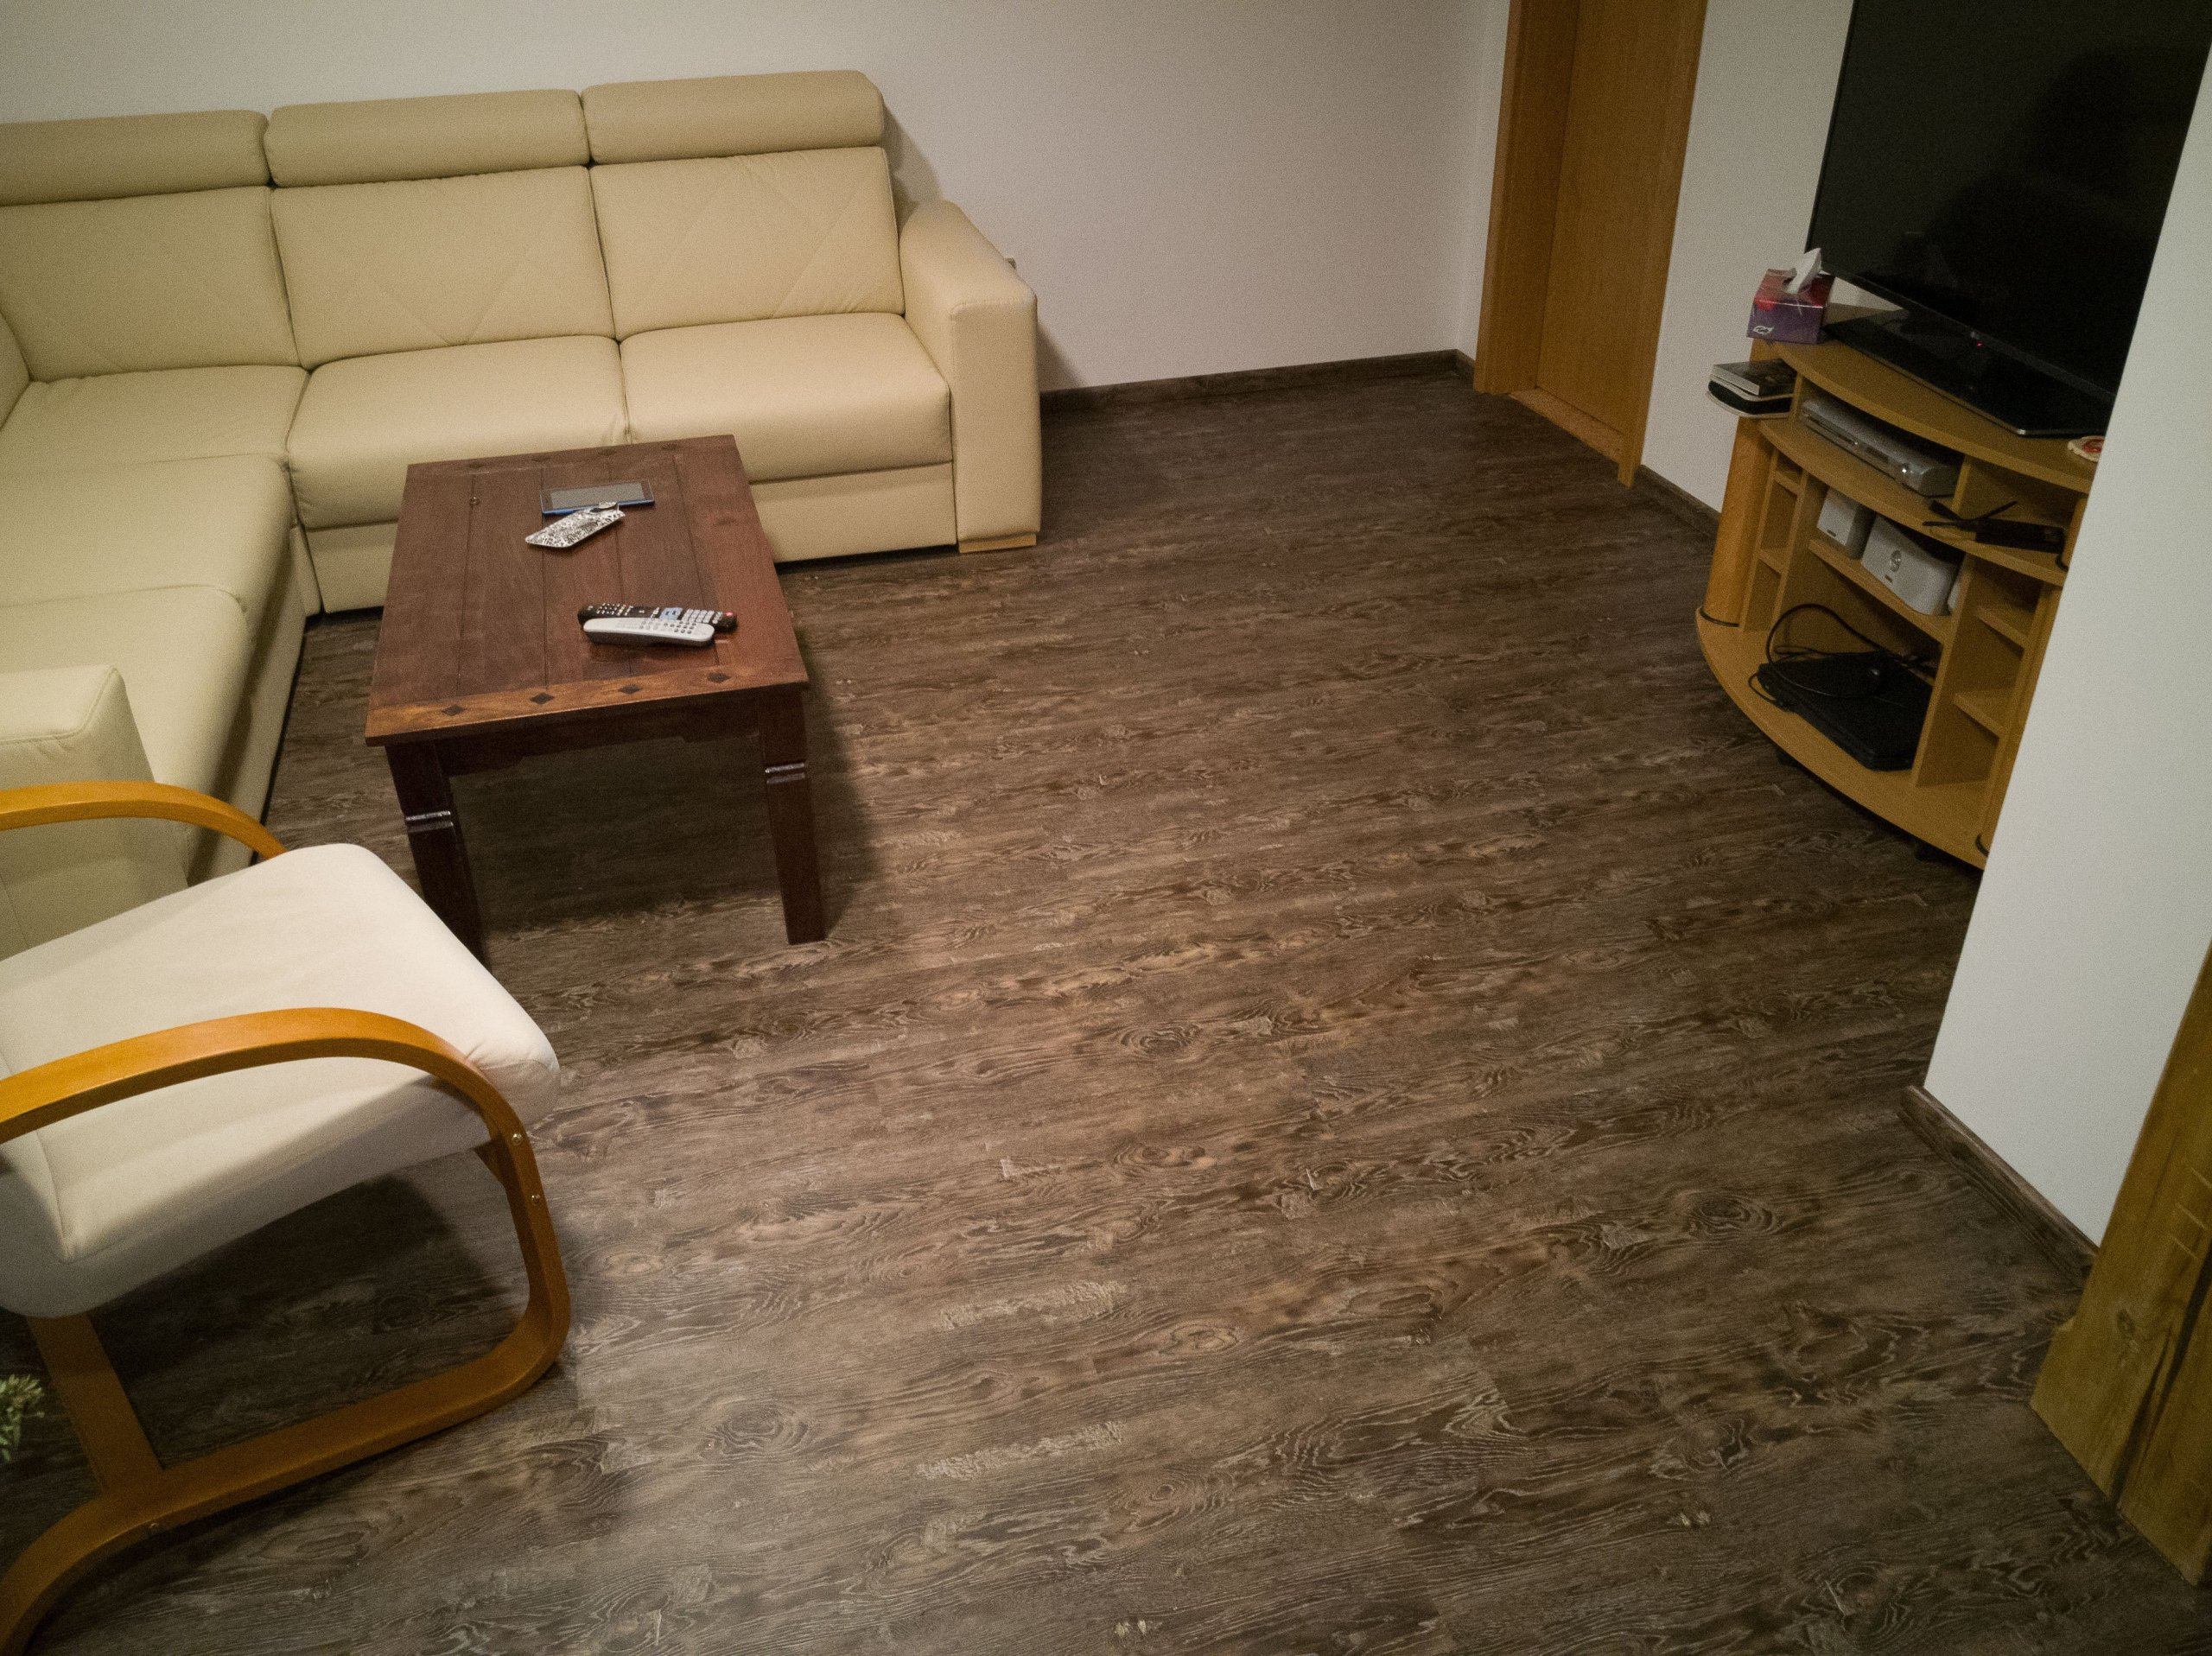 V obývacím pokoji je tmavší dekor podlahy doplněn světlejší sedací soupravou.